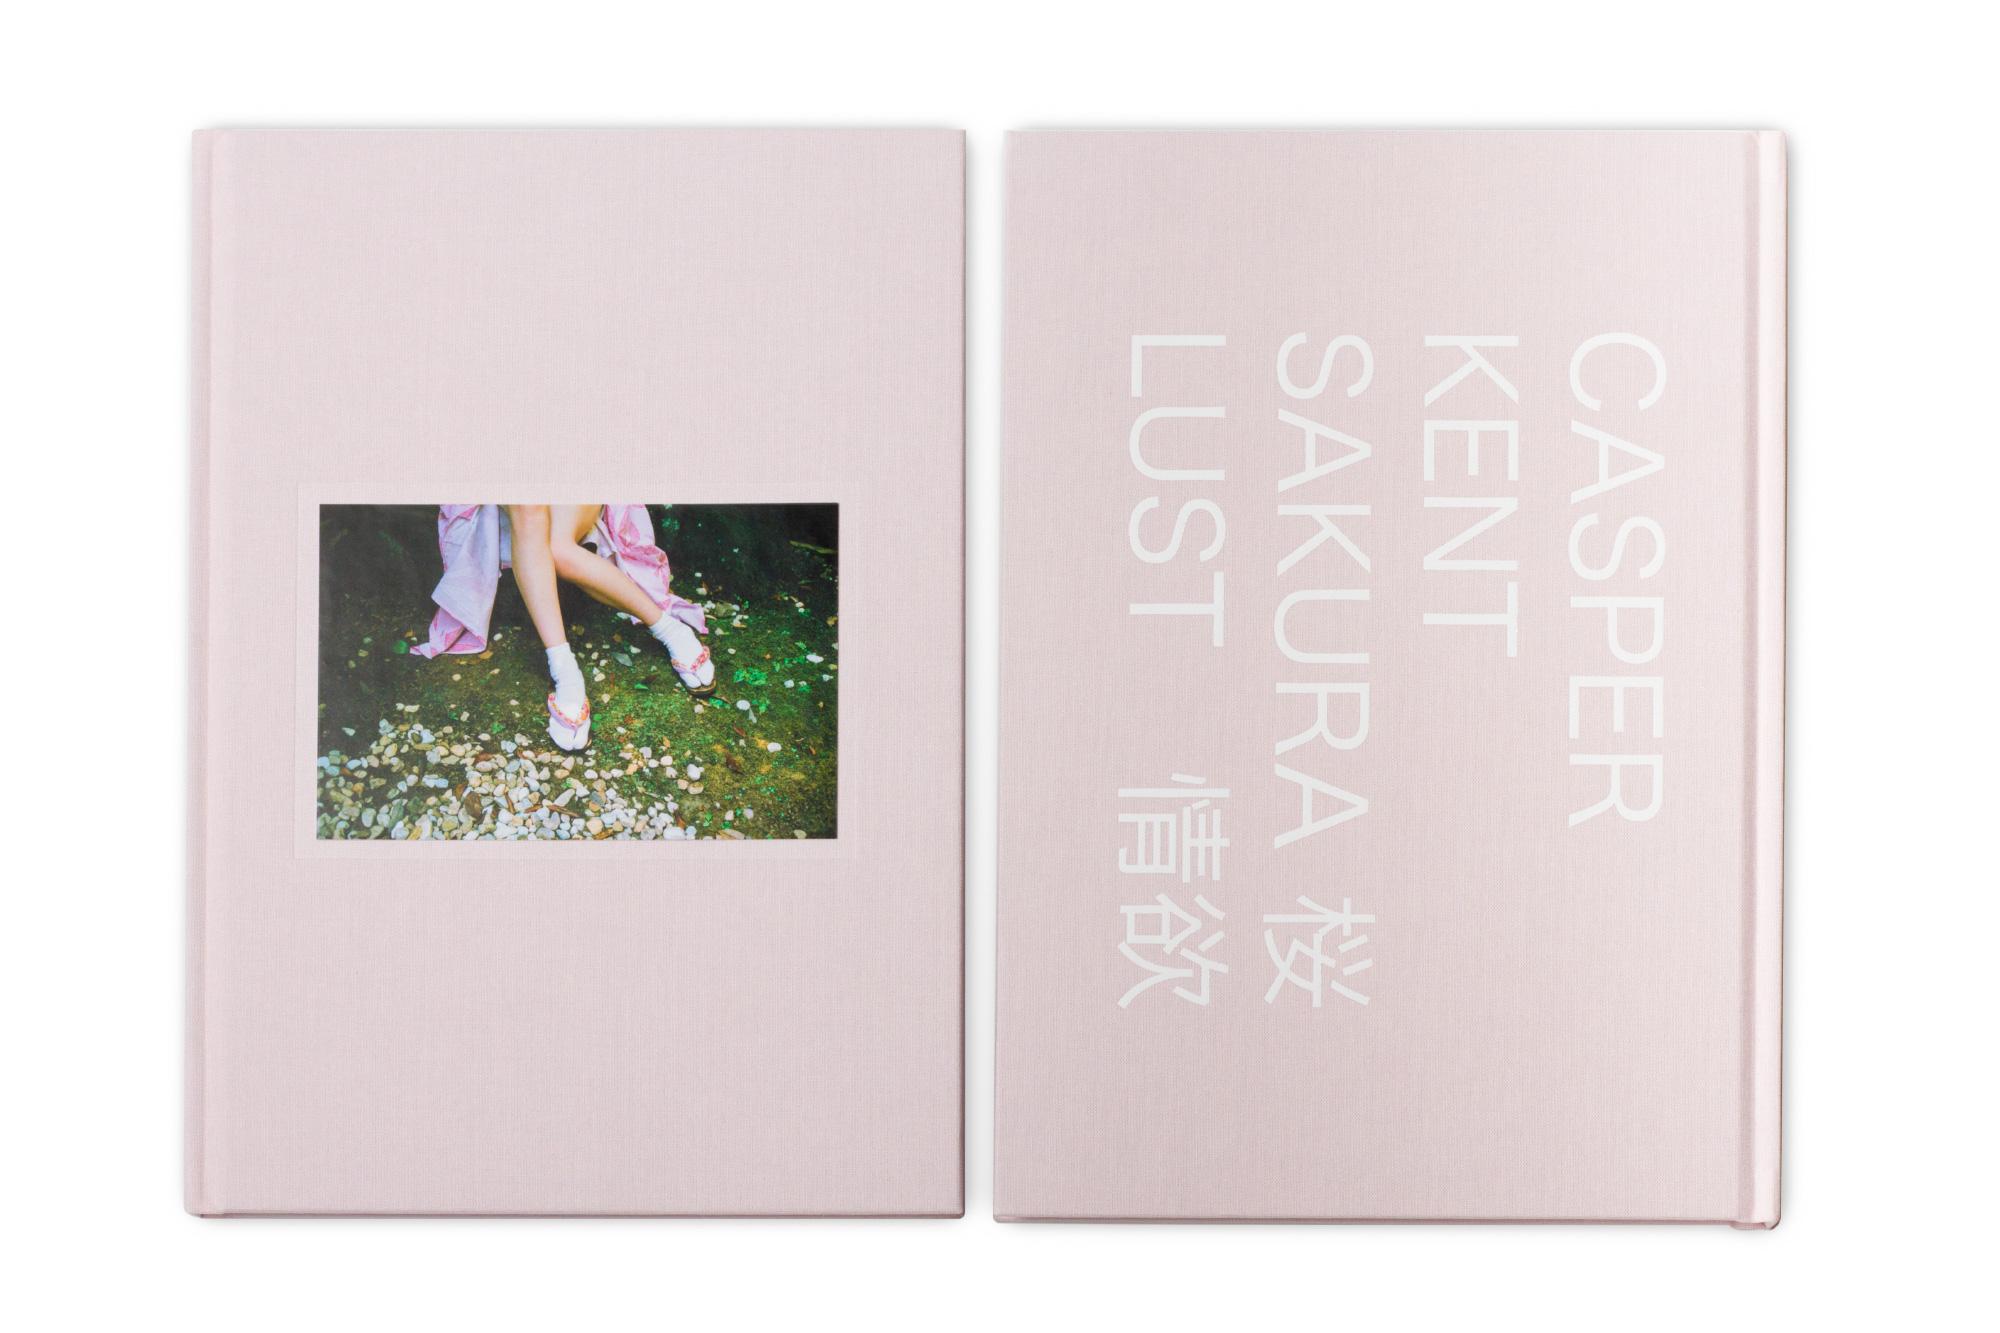 sakura-lust-covers_casperkent.jpg